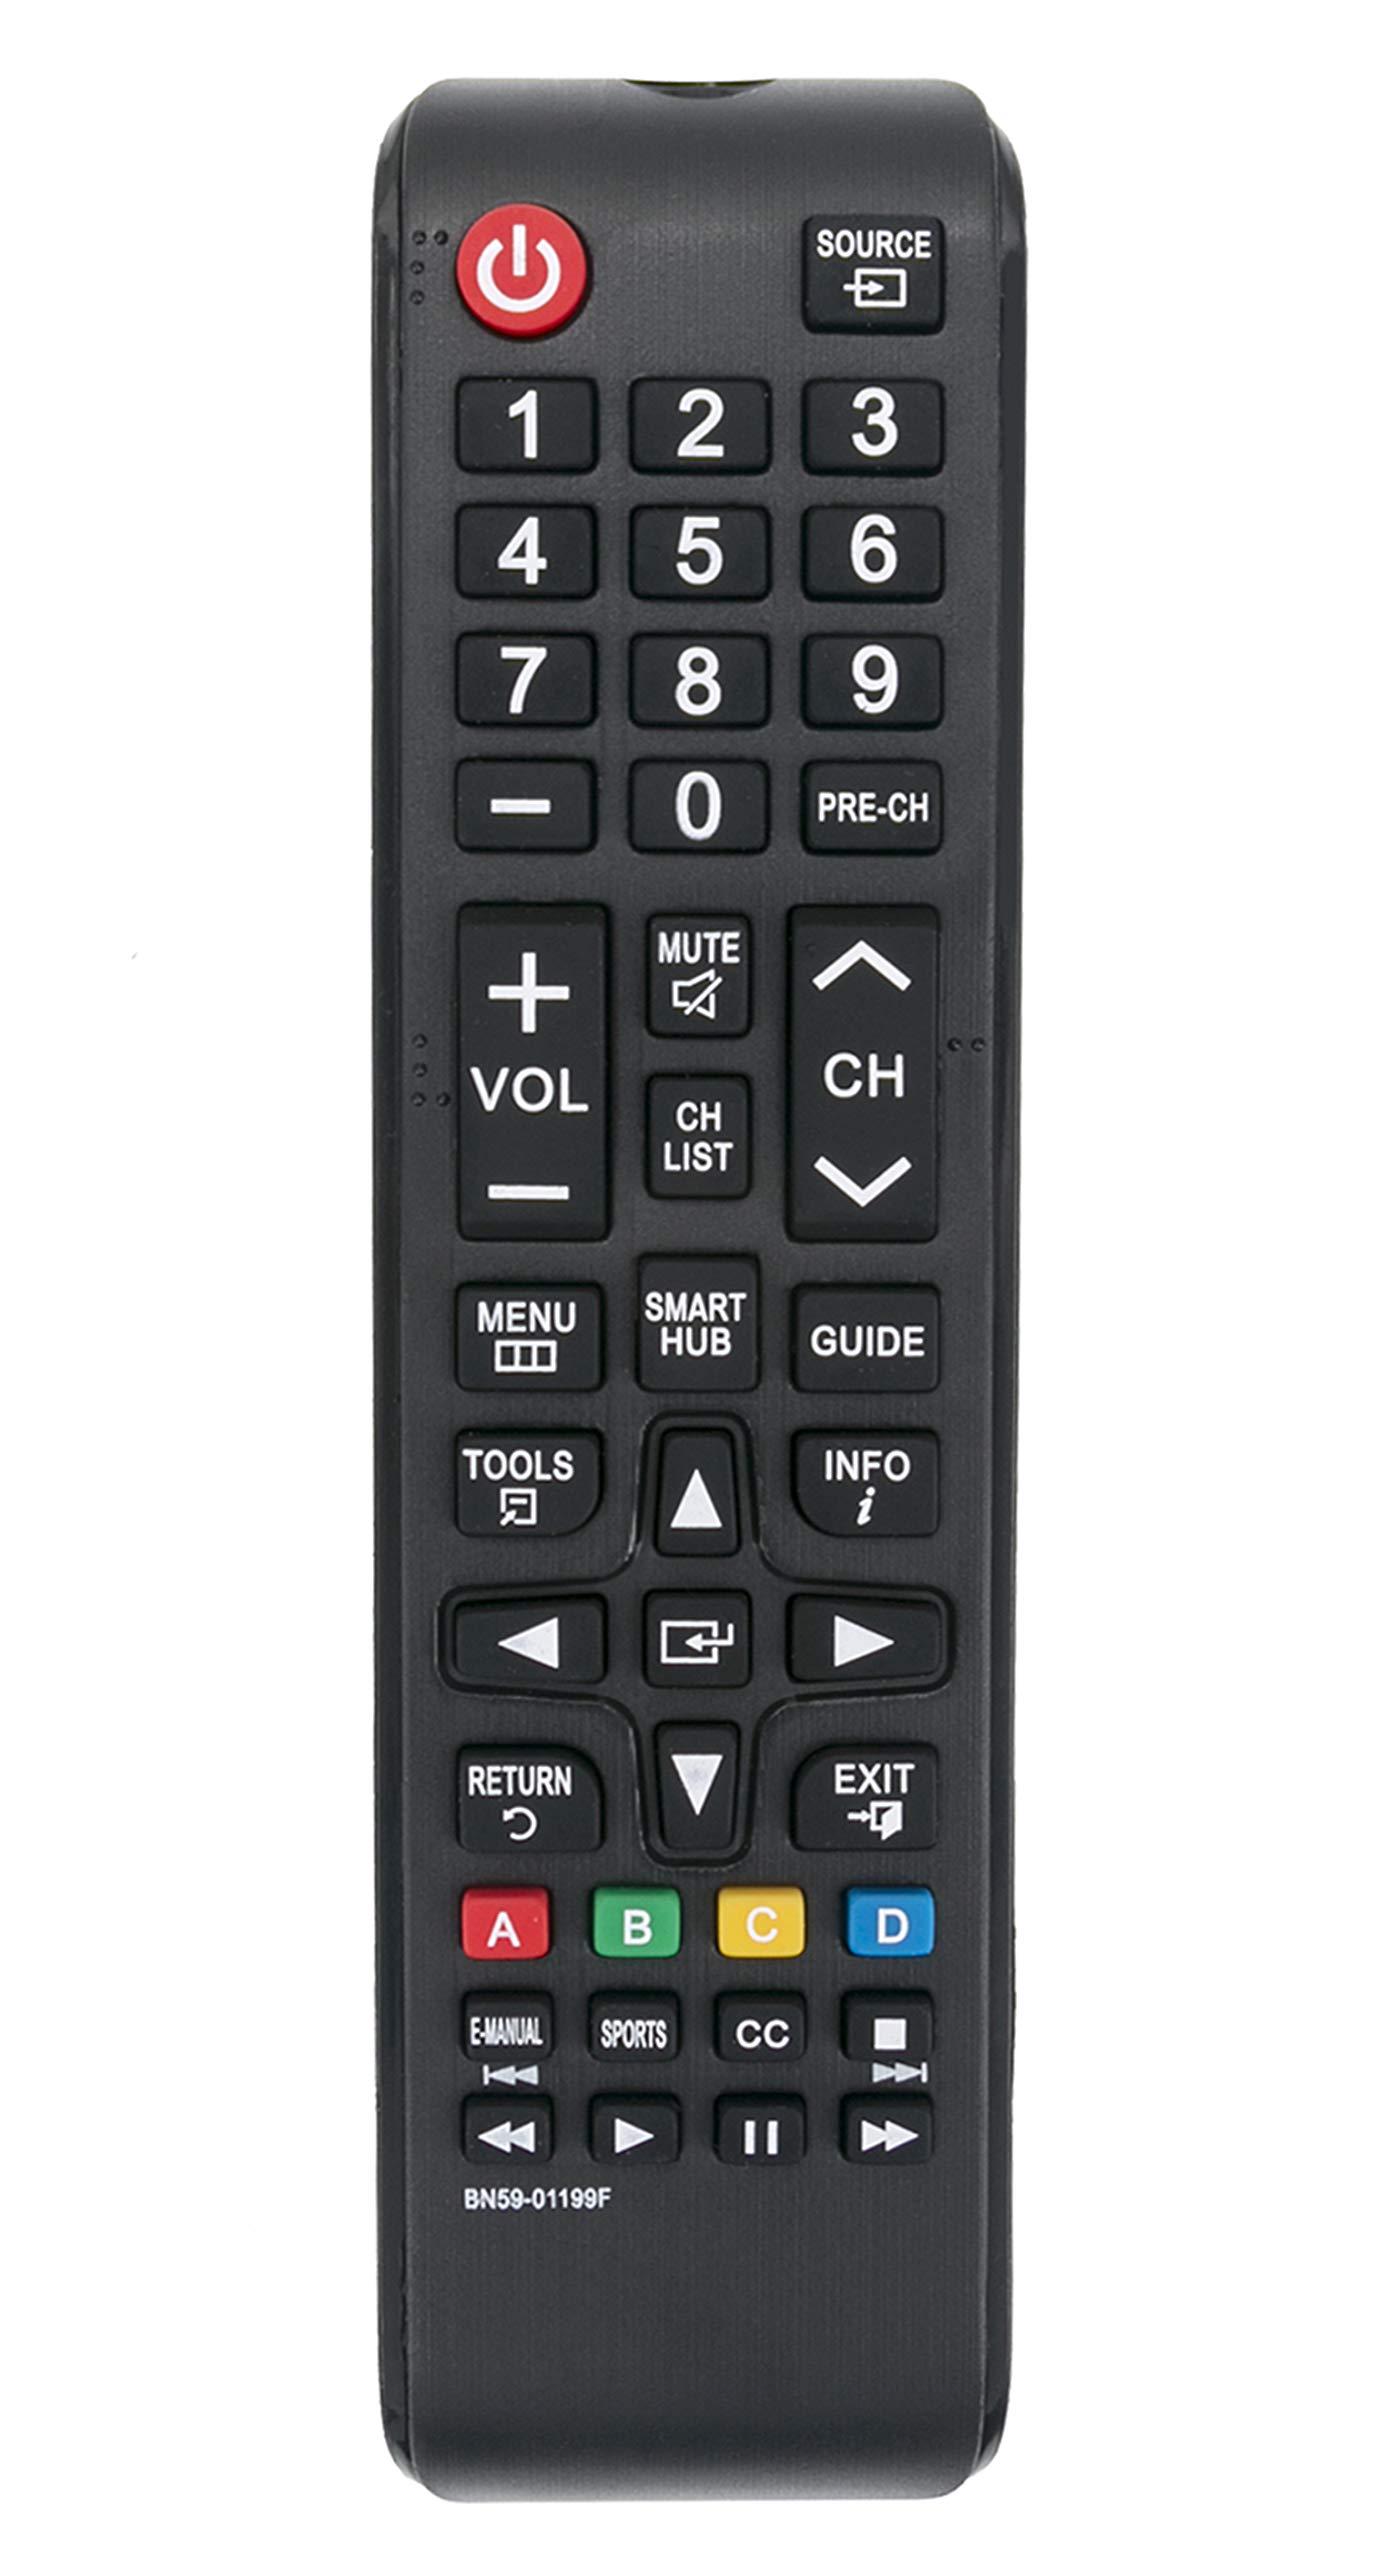 Control Remoto BN59 01199F SAMSUNG UN60J6200AF UN60J6200A...